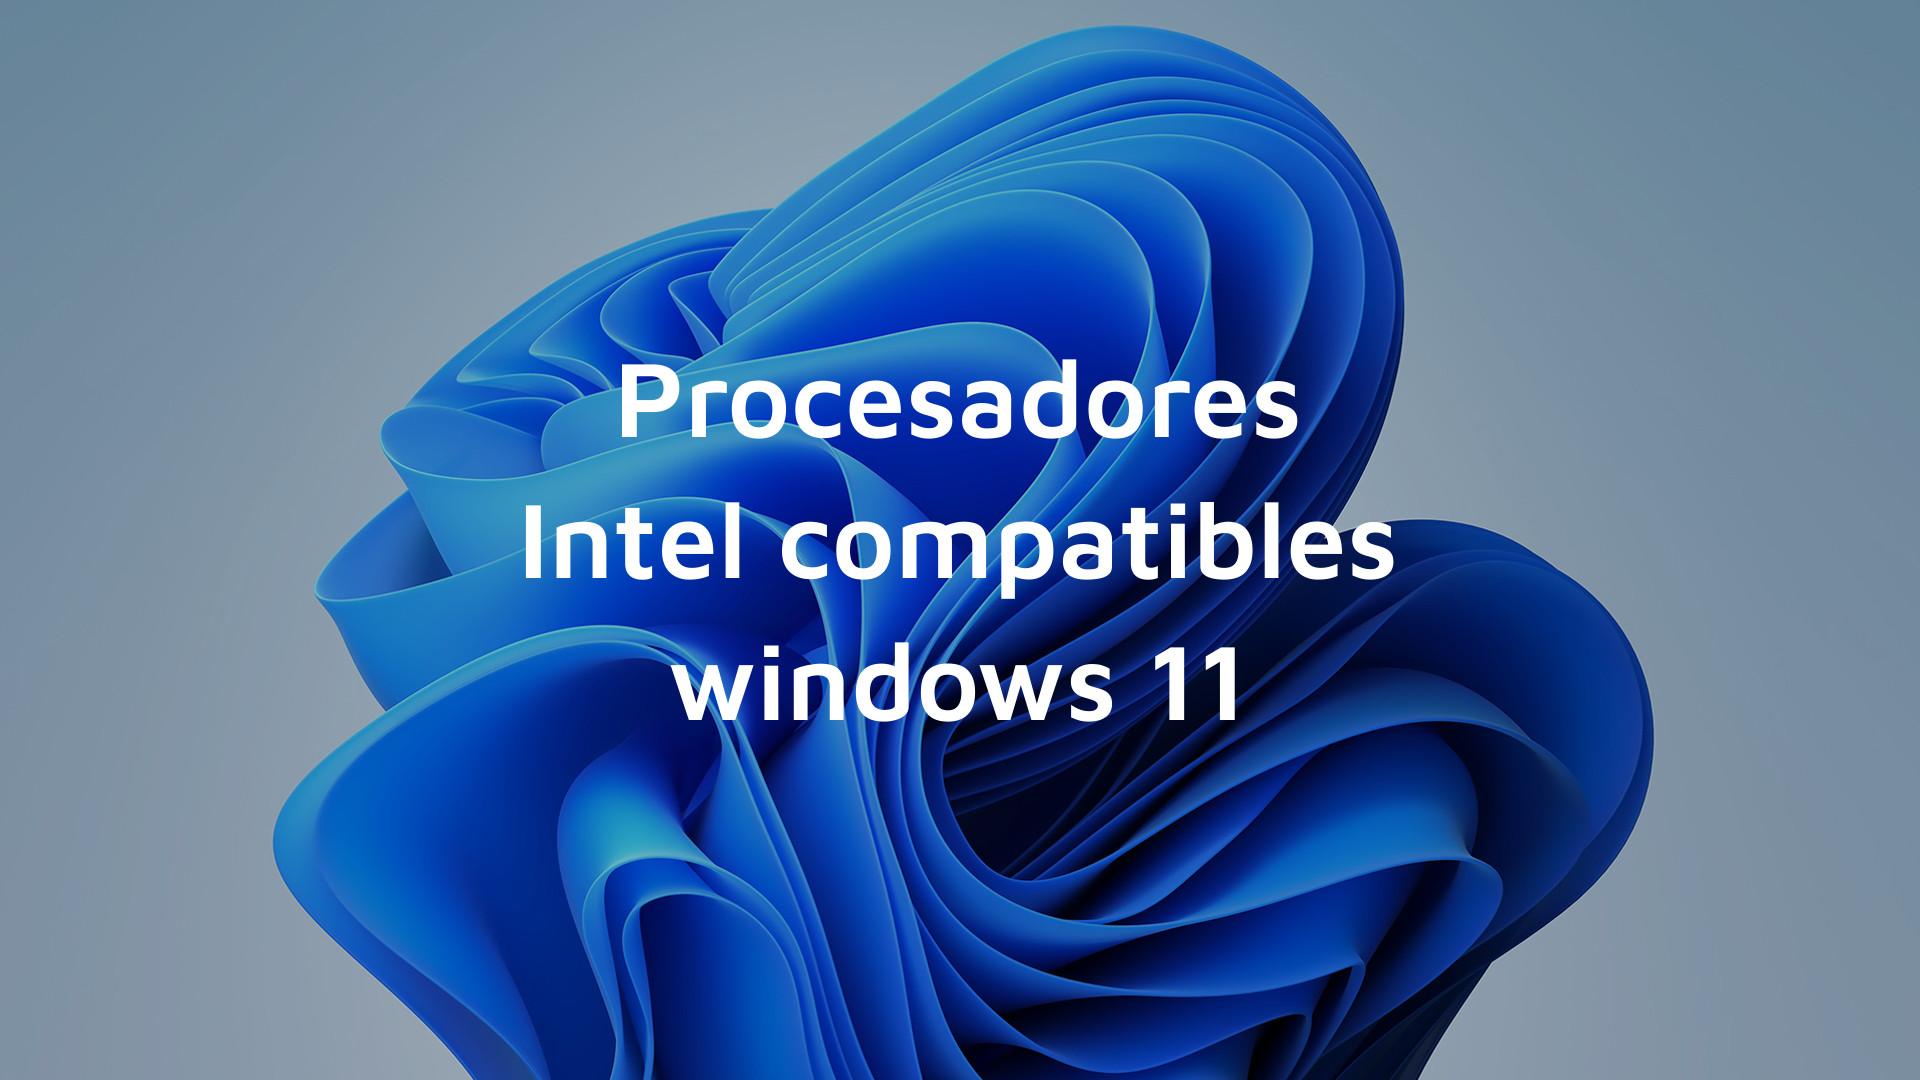 Procesadores intel compatibles con Windows 11